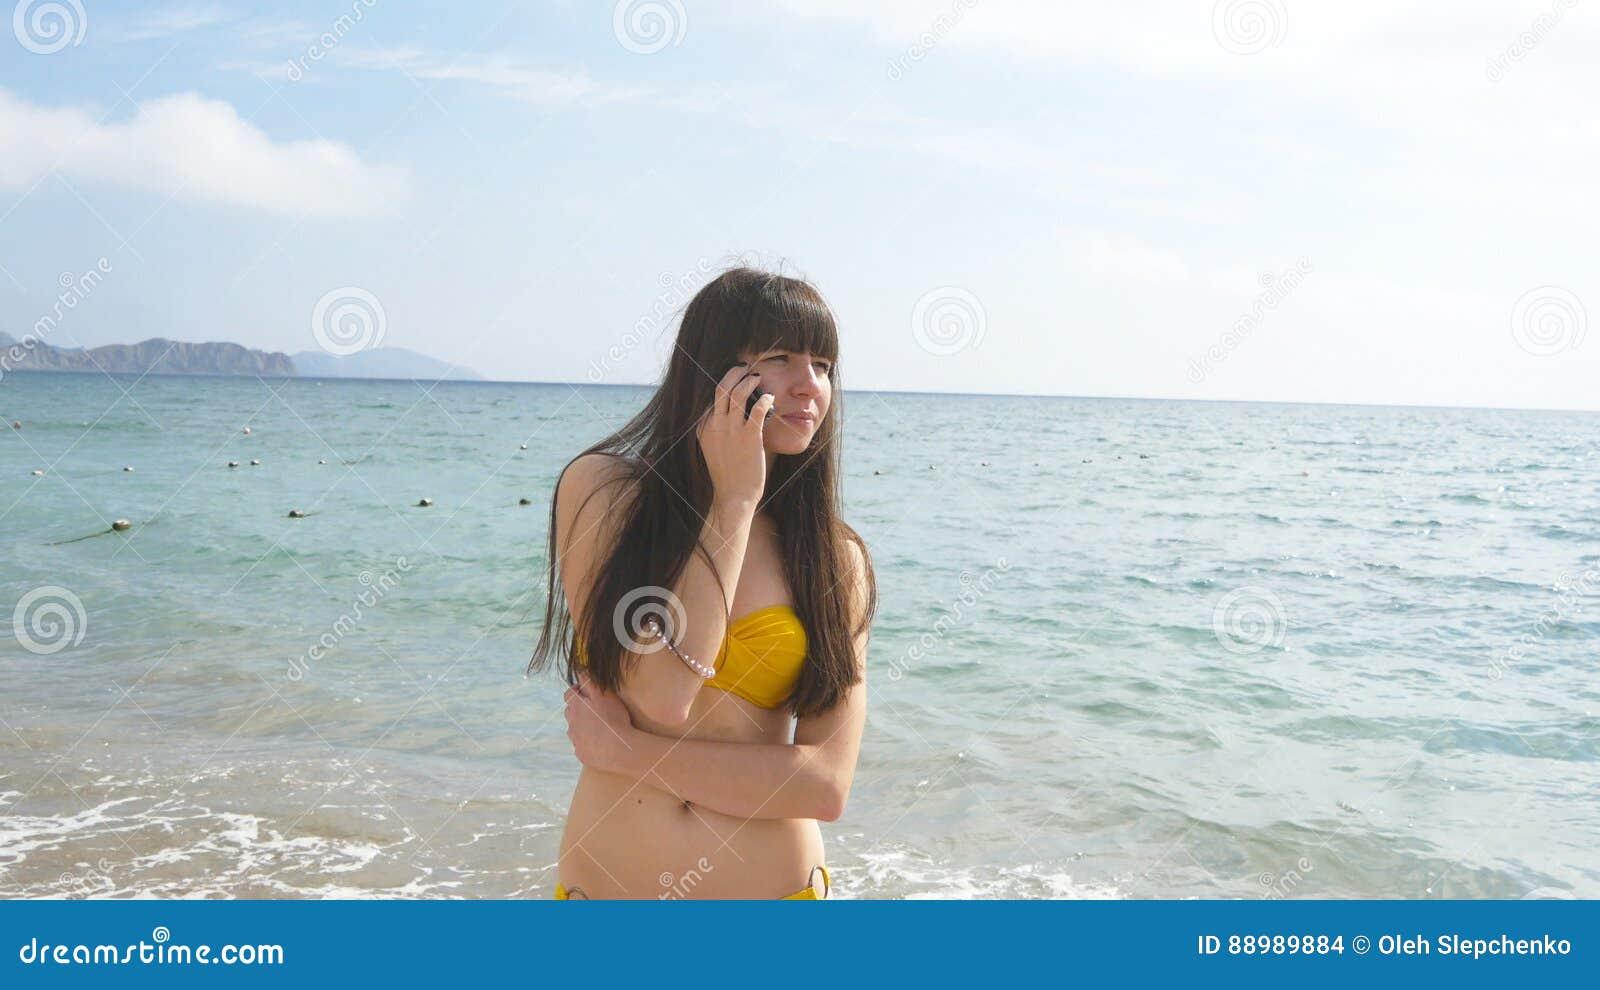 30d17e1db435 La Mujer Atractiva Joven En Un Traje De Baño Está Hablando En El ...